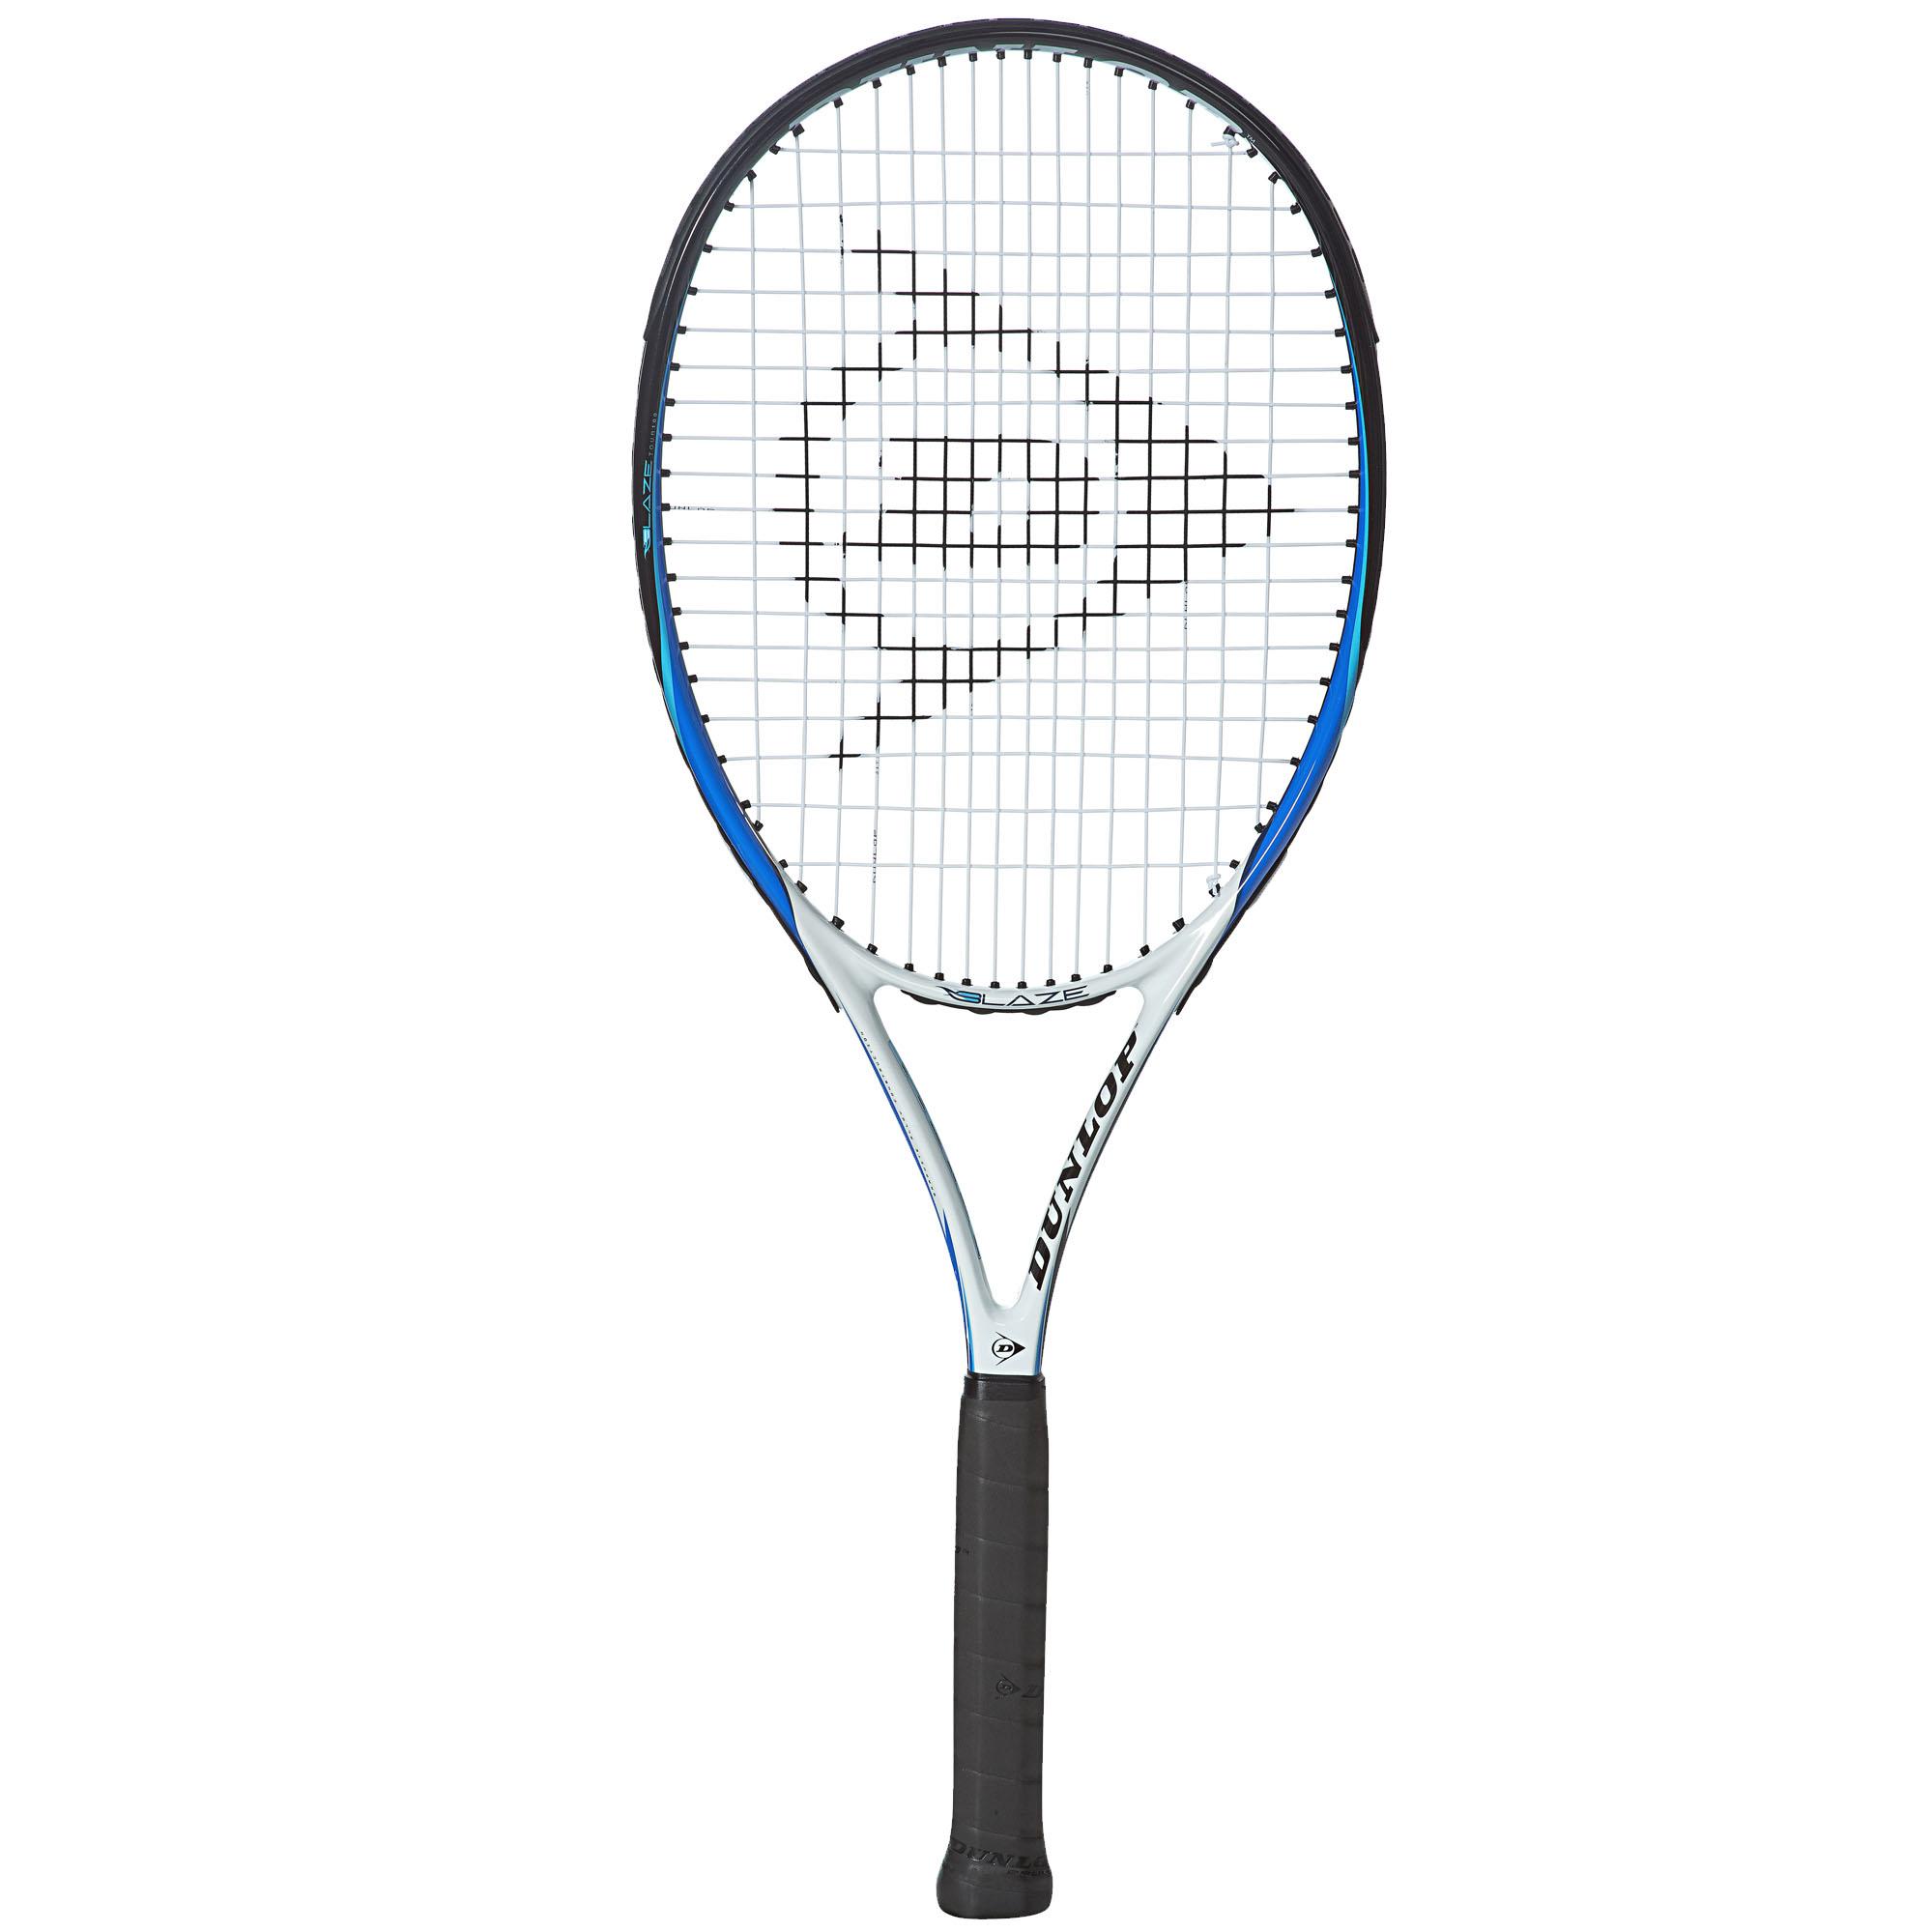 Dunlop Blaze Tour 100 Tennis Racket  Grip 4